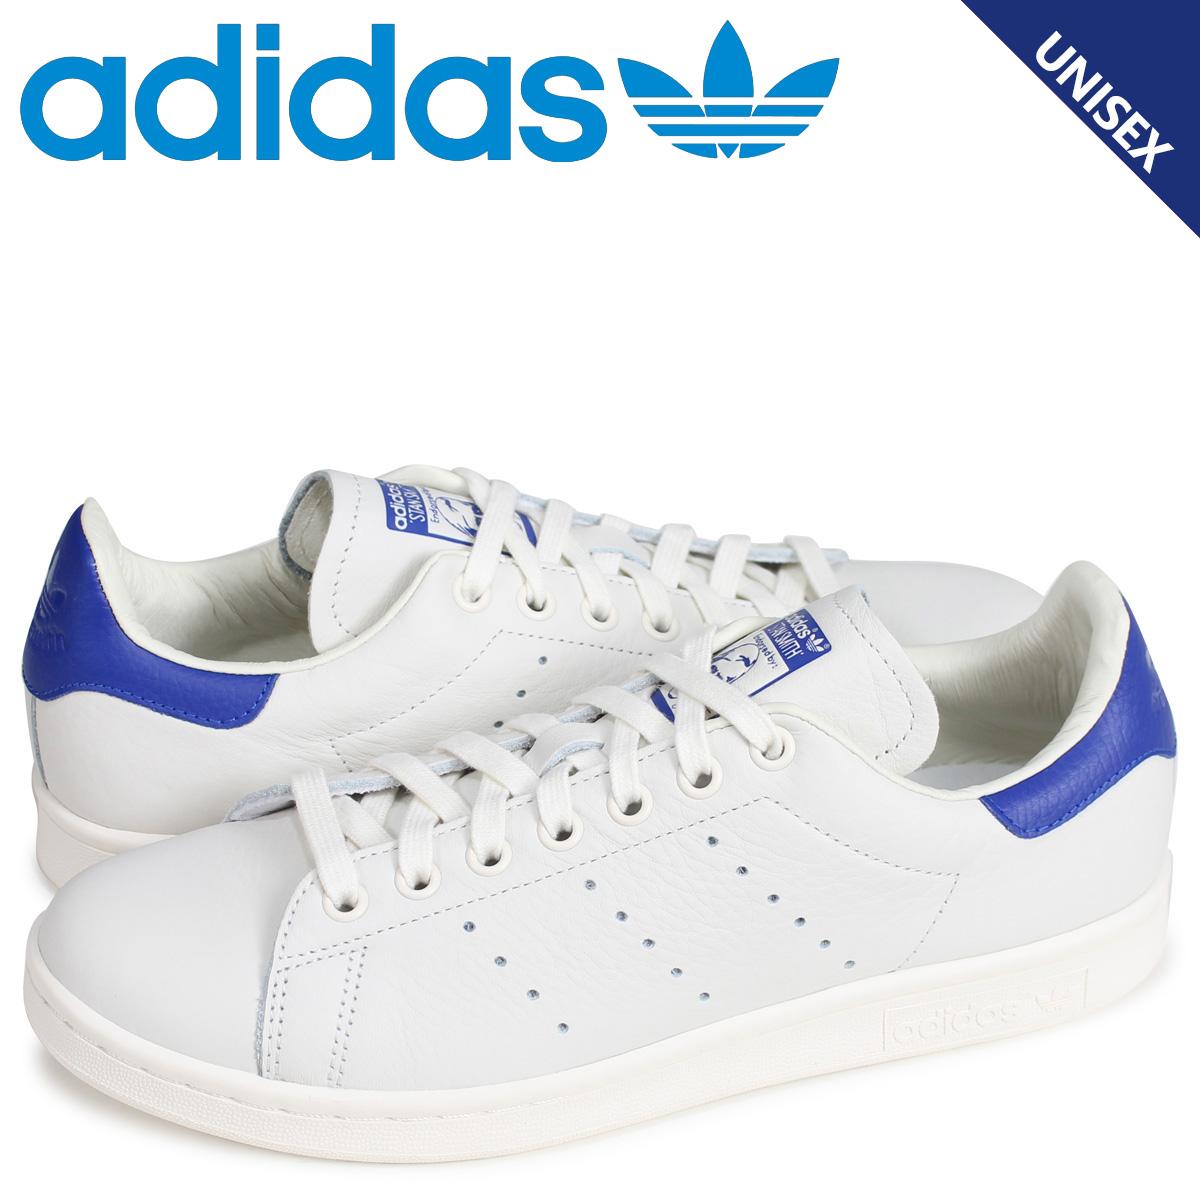 adidas Originals スタンスミス アディダス オリジナルス スニーカー STAN SMITH メンズ レディース B37899 ホワイト 白